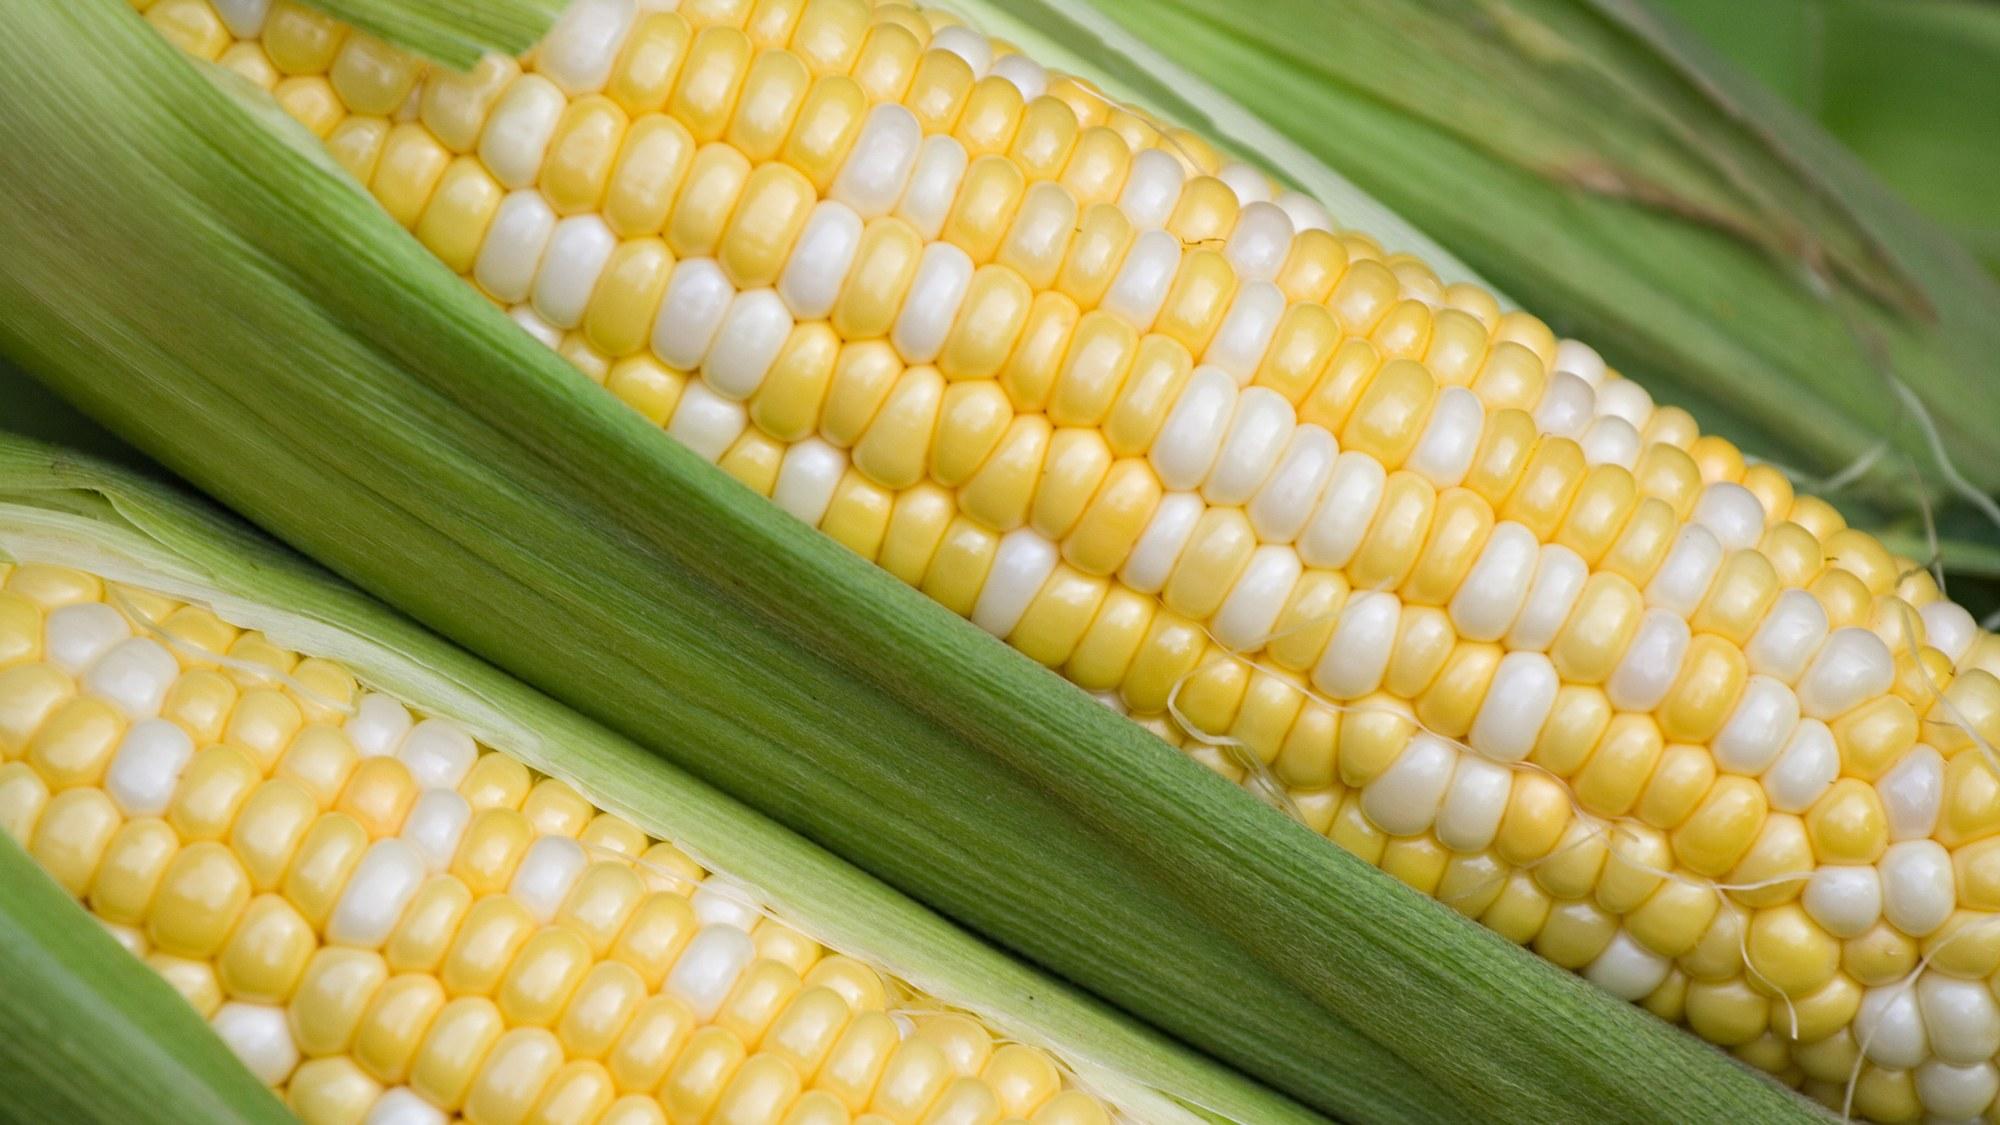 Corn is Gluten-Free